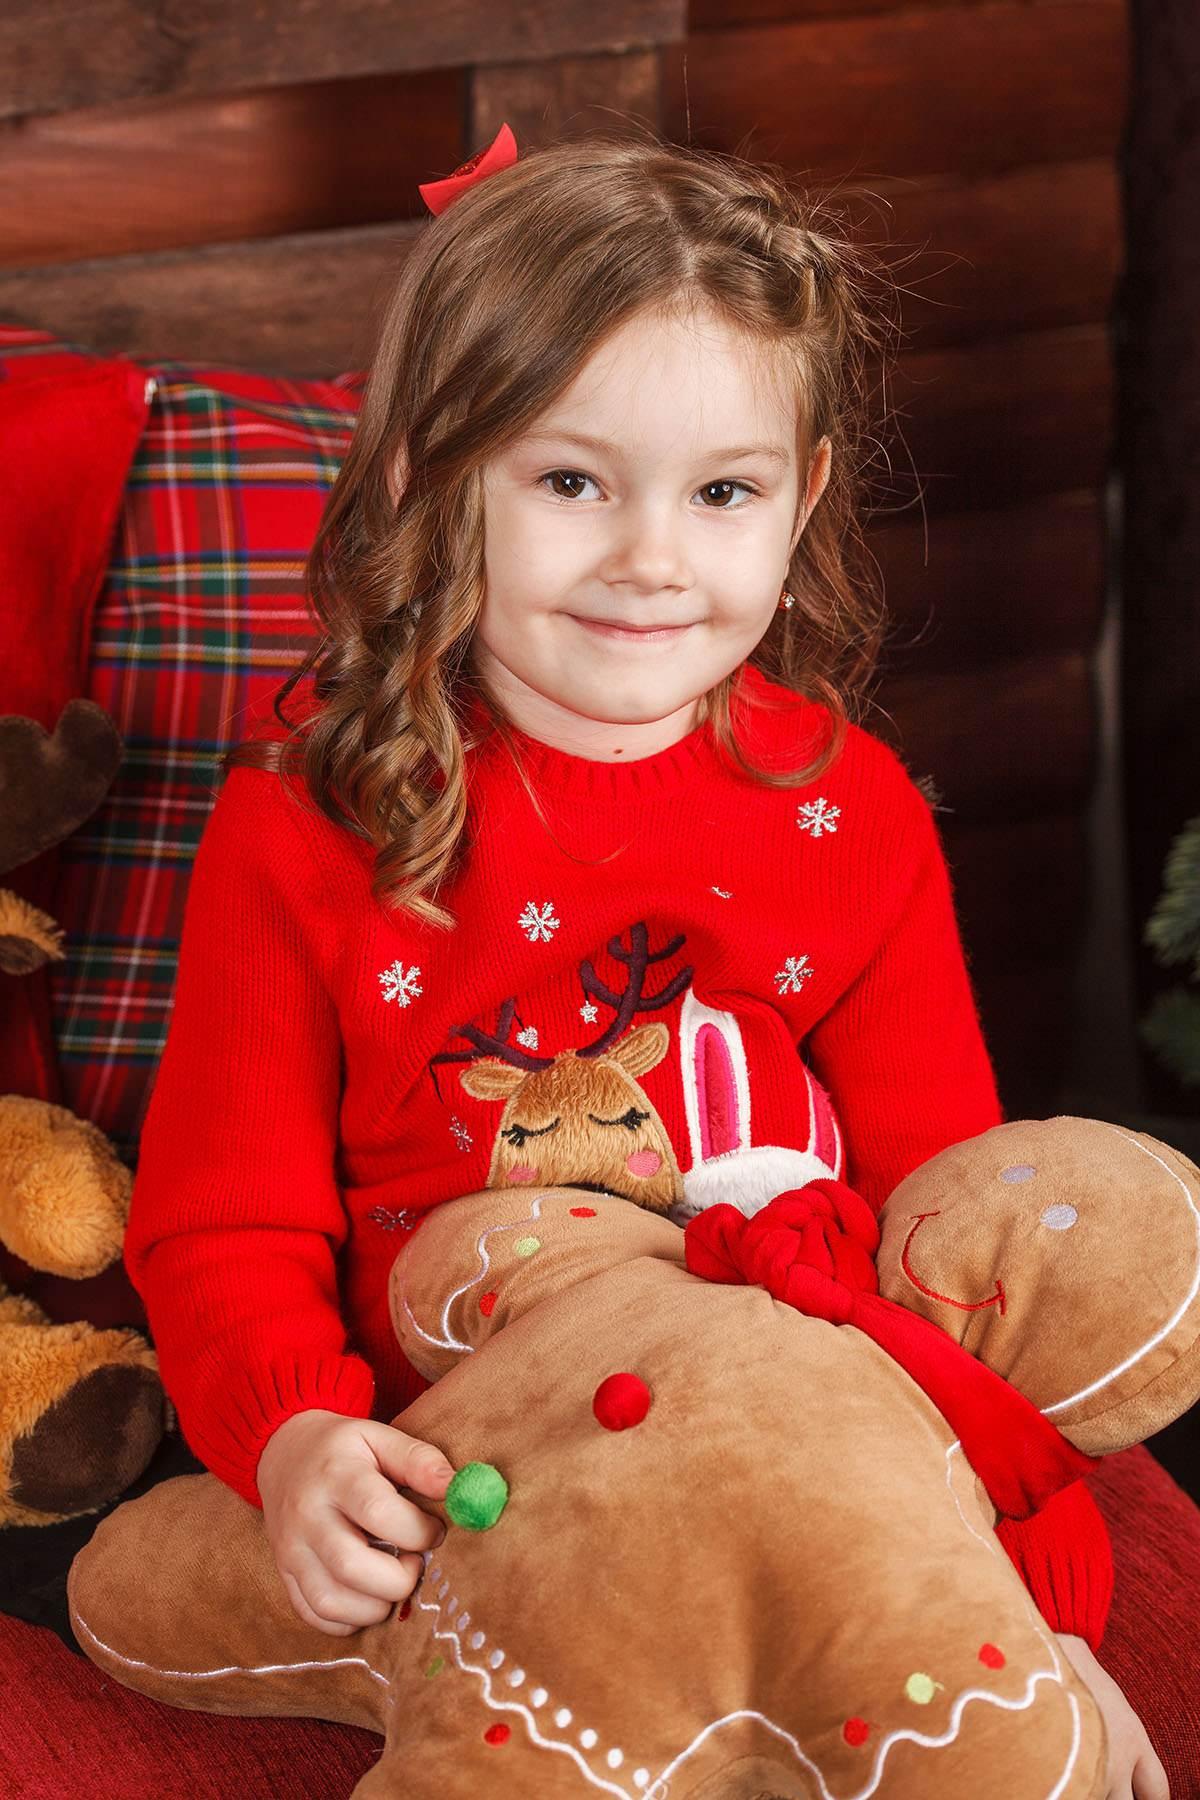 Детская фотосессия - фото девочки с мягкой игрушкой